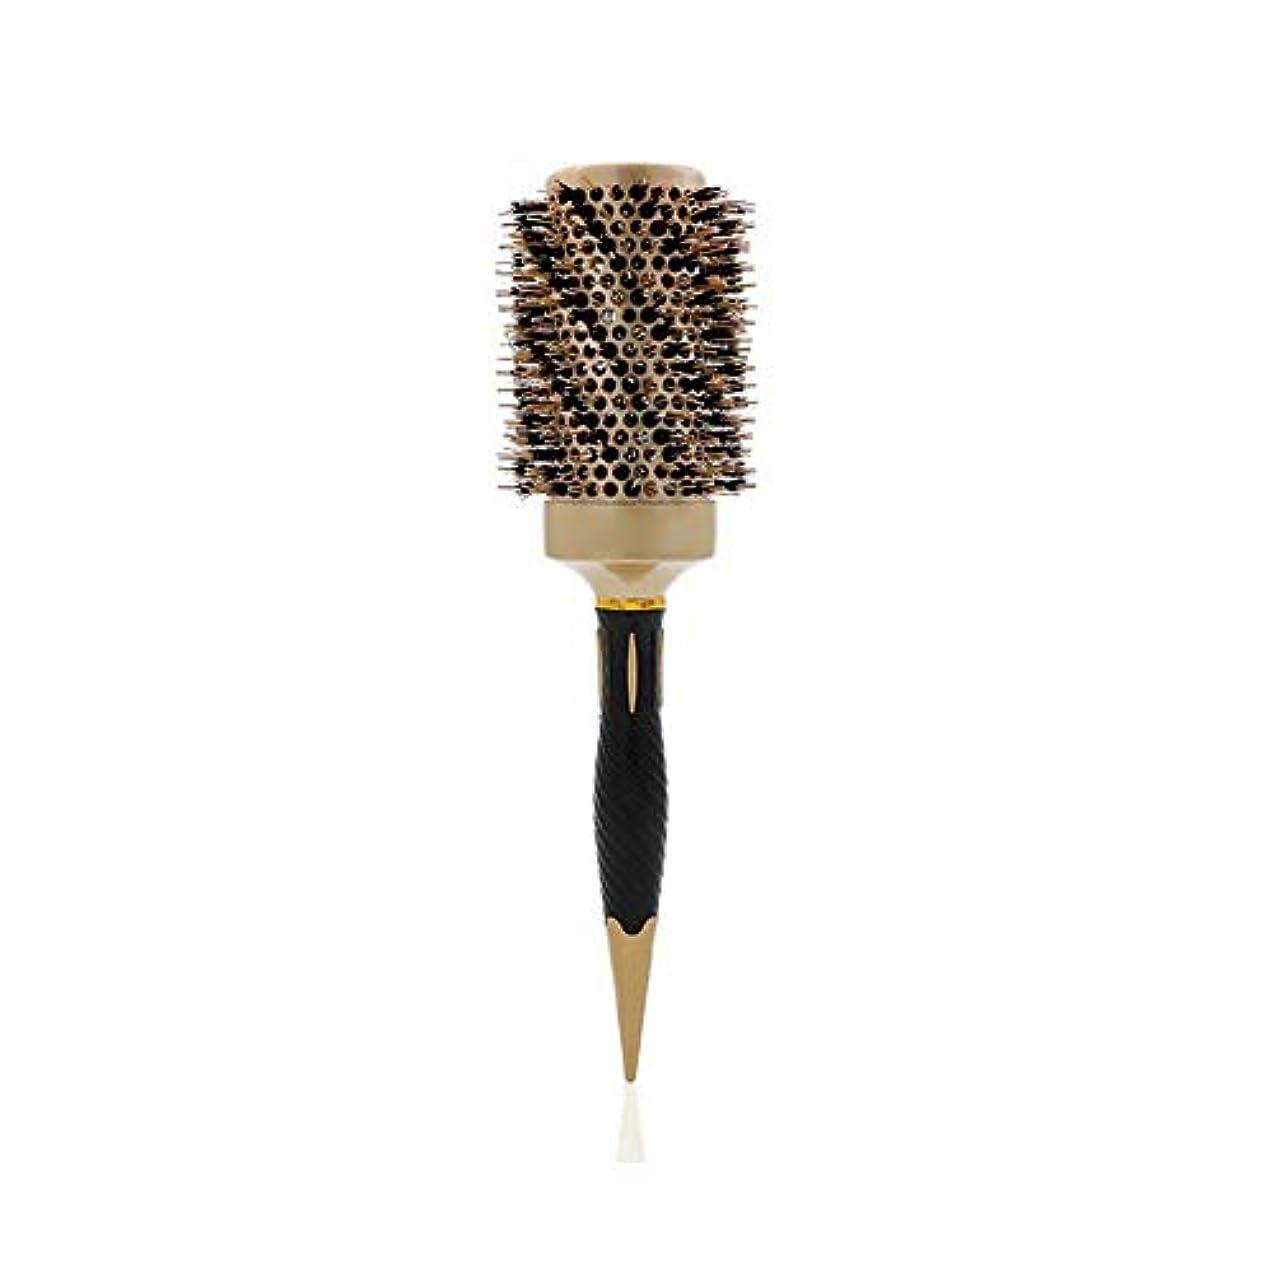 セイはさておきクリスマススタンドセラミック管バケットホイール空気ヘアブラシアルミニウムヘアサロン化粧品アプリケーター53ミリコーミング円形の櫛ローラーナイロン剛毛